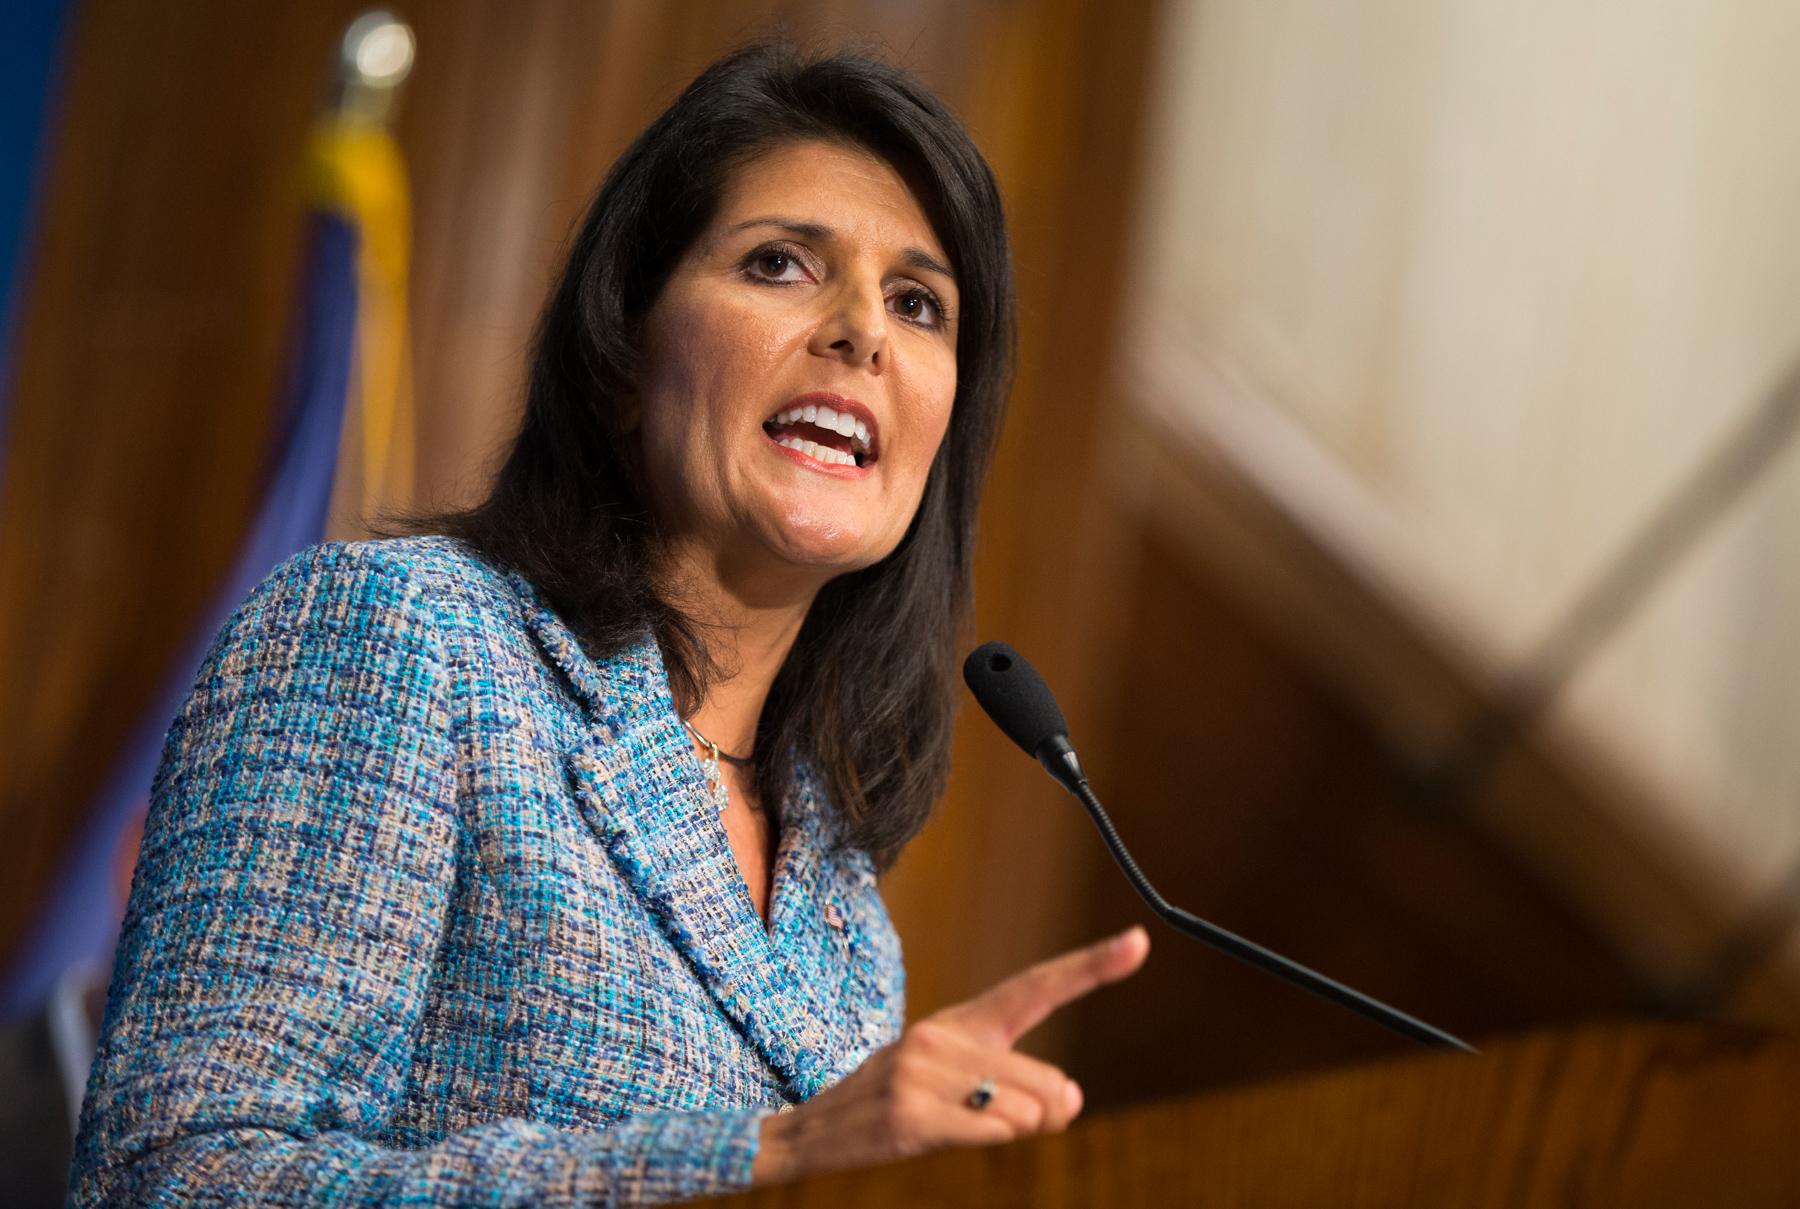 Представитель США в ООН Никки Хейли назвала Совет по правам человека предвзятым и лицемерным органом